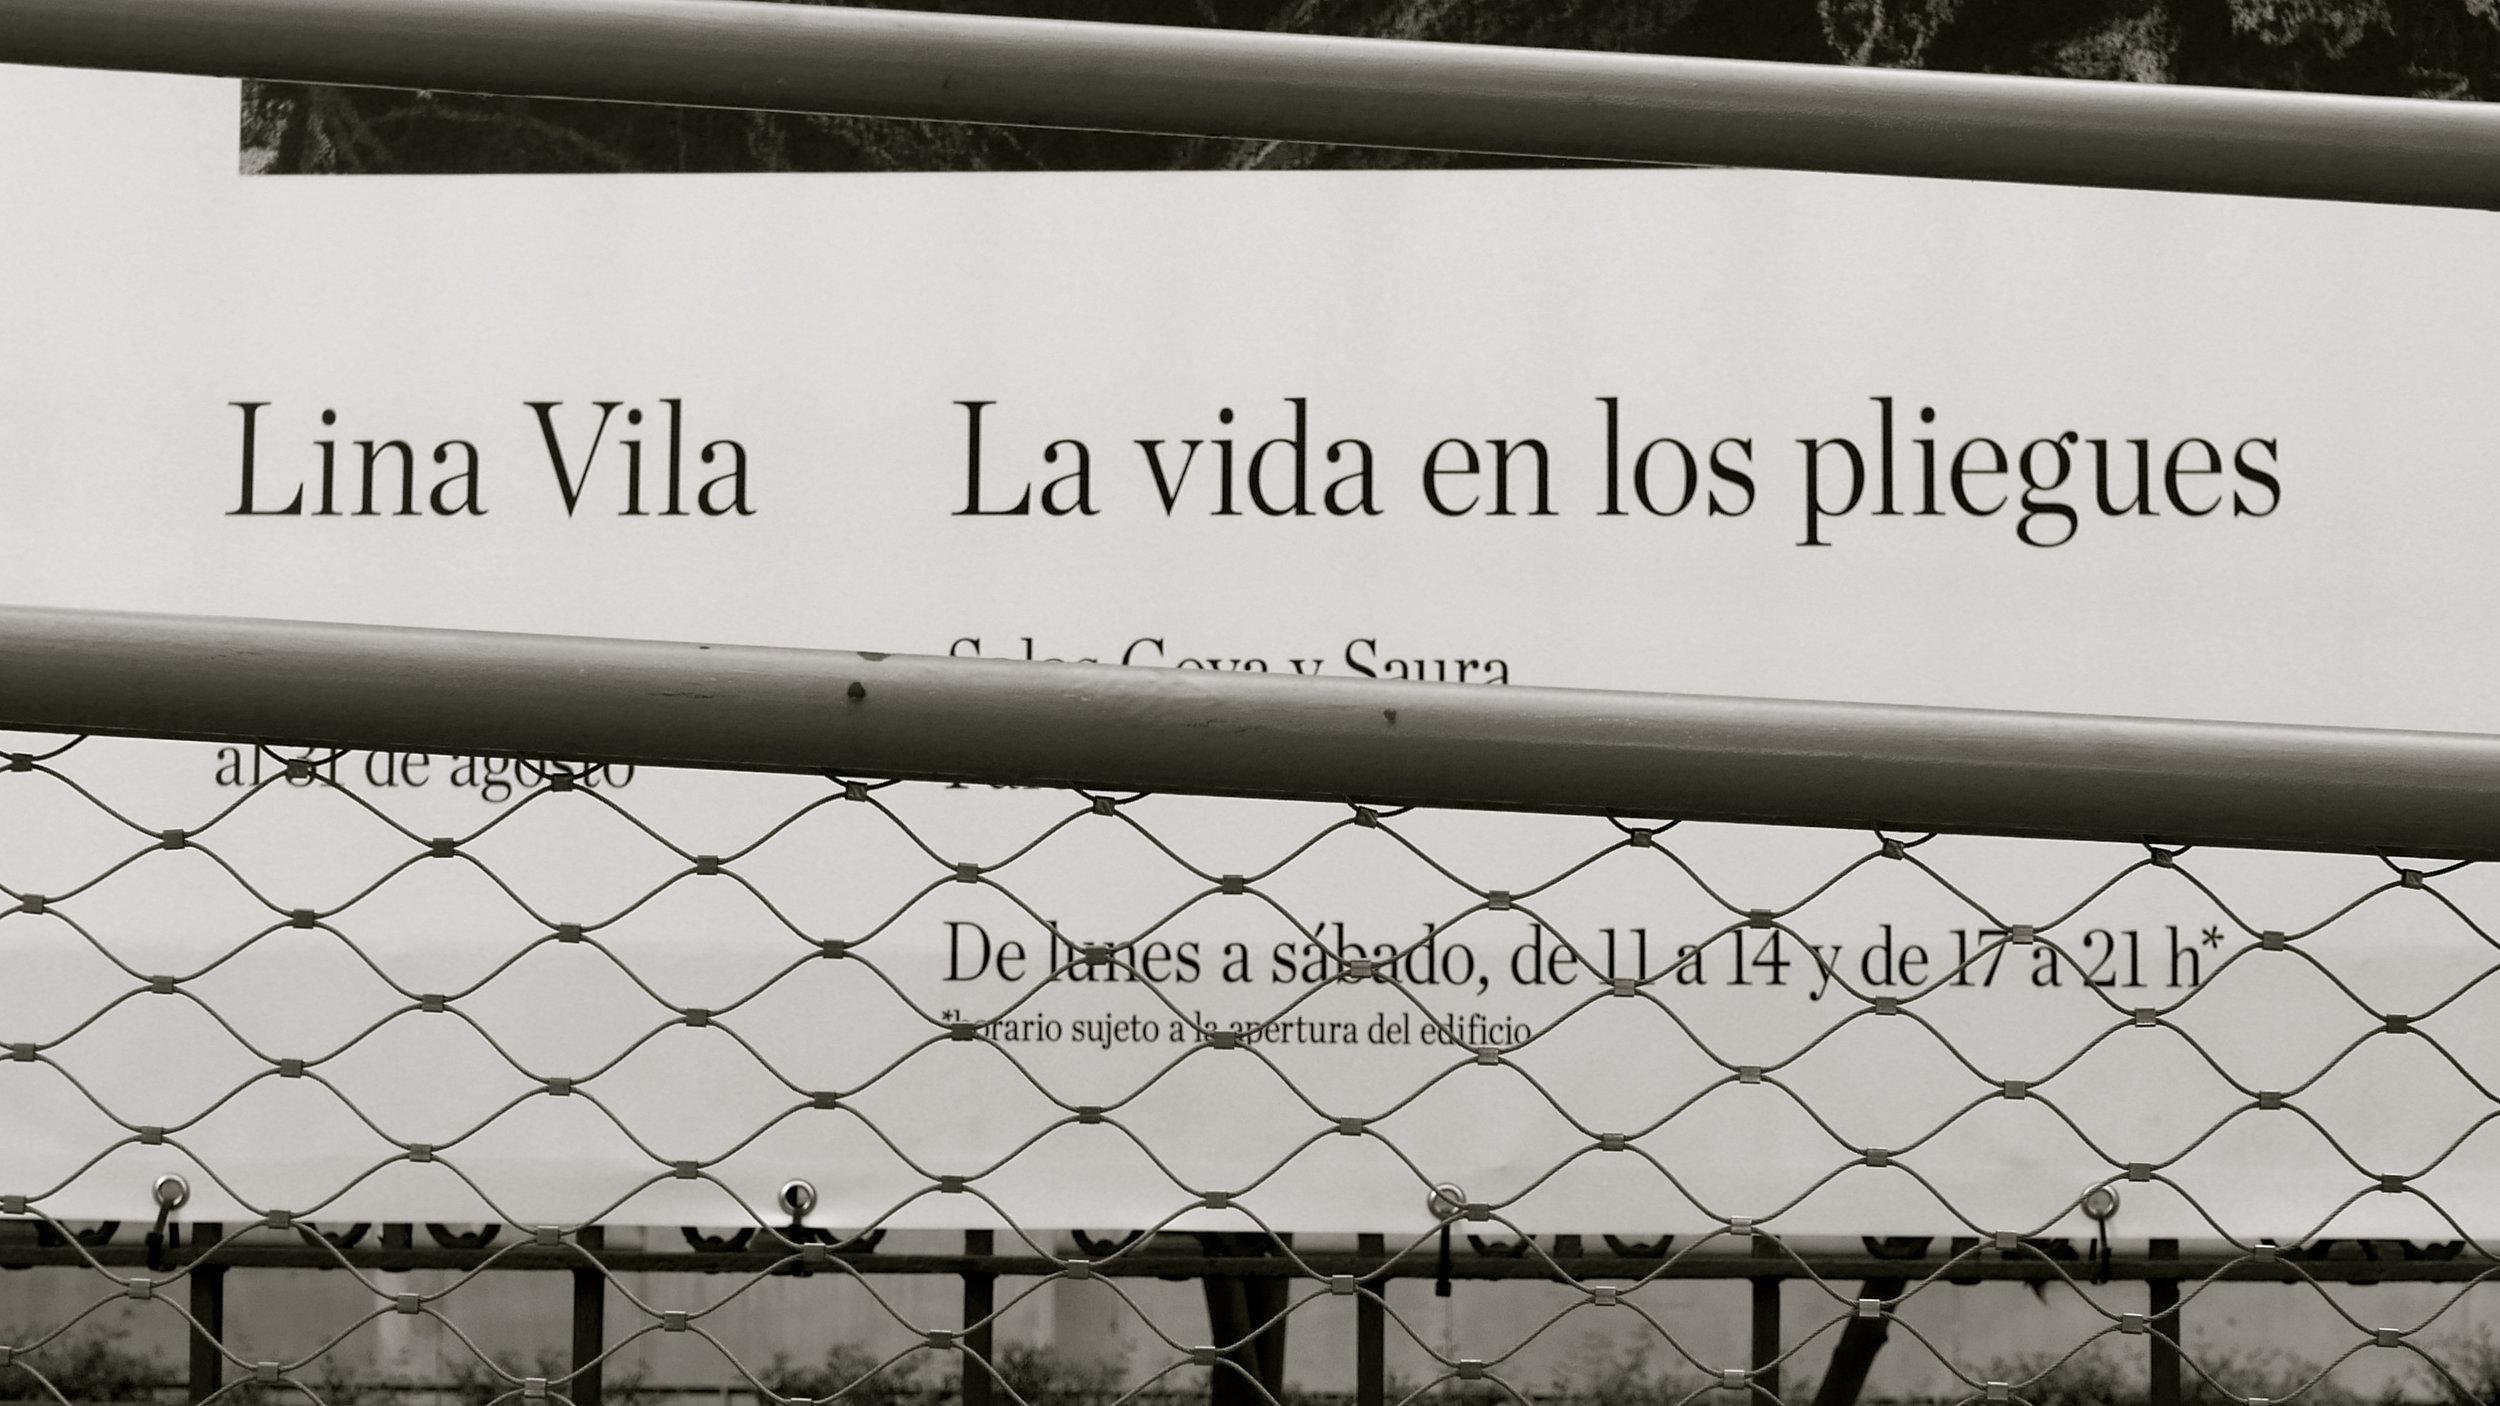 Lina Vila La vida en los pliegues